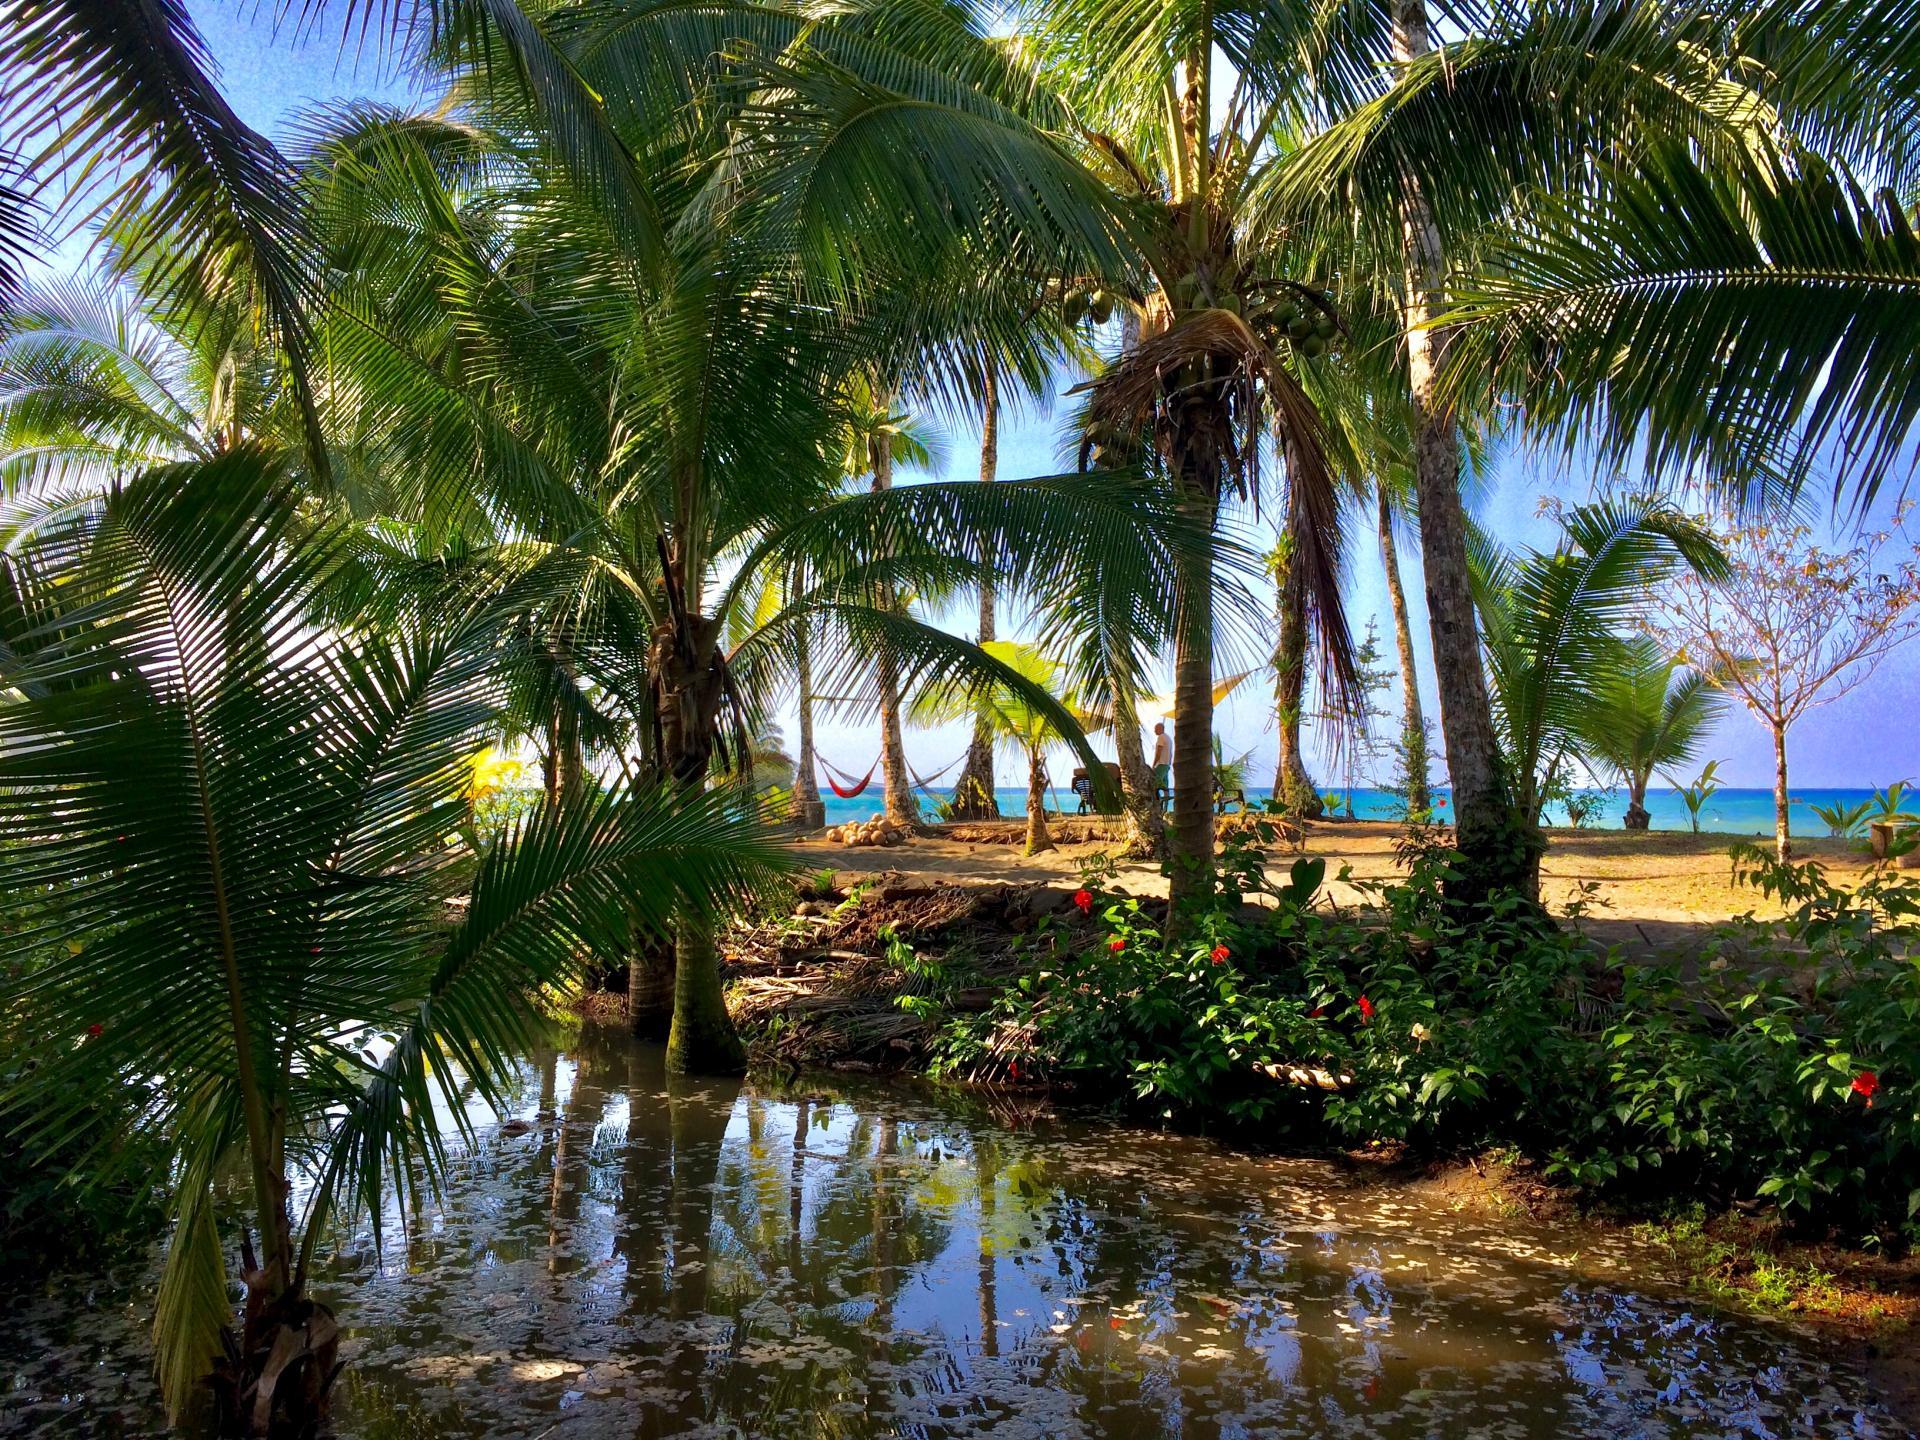 Die paradiesische Pazifikküste Kolumbiens kennenlernen und im Küstenort Nuqui entspannen